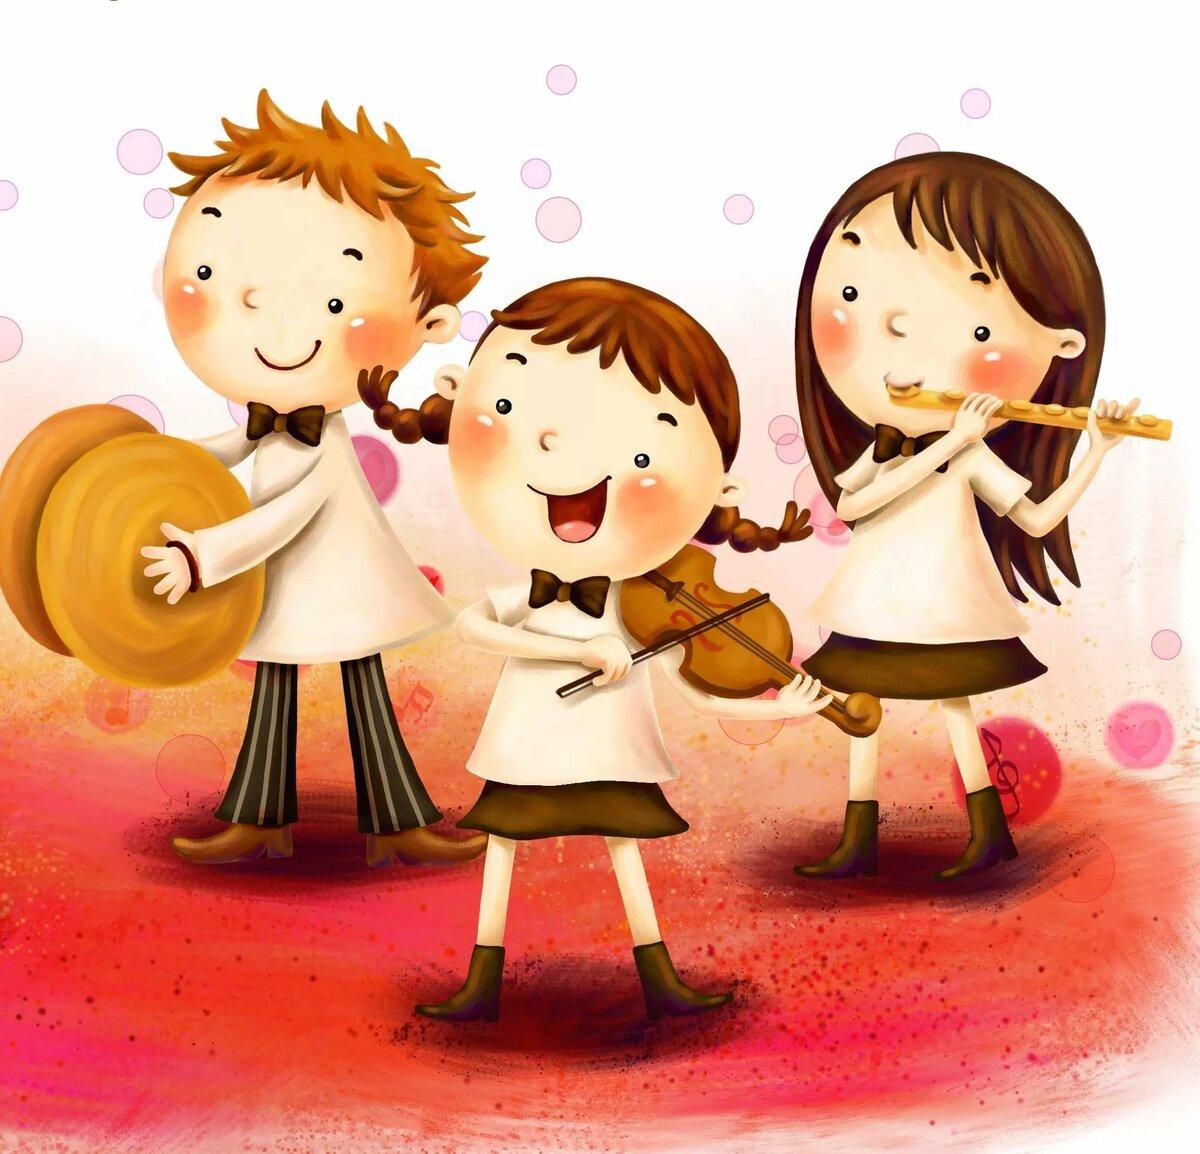 Файл:Детки играют на музікальних инструментах.jpg - Вікі ЦДПУ